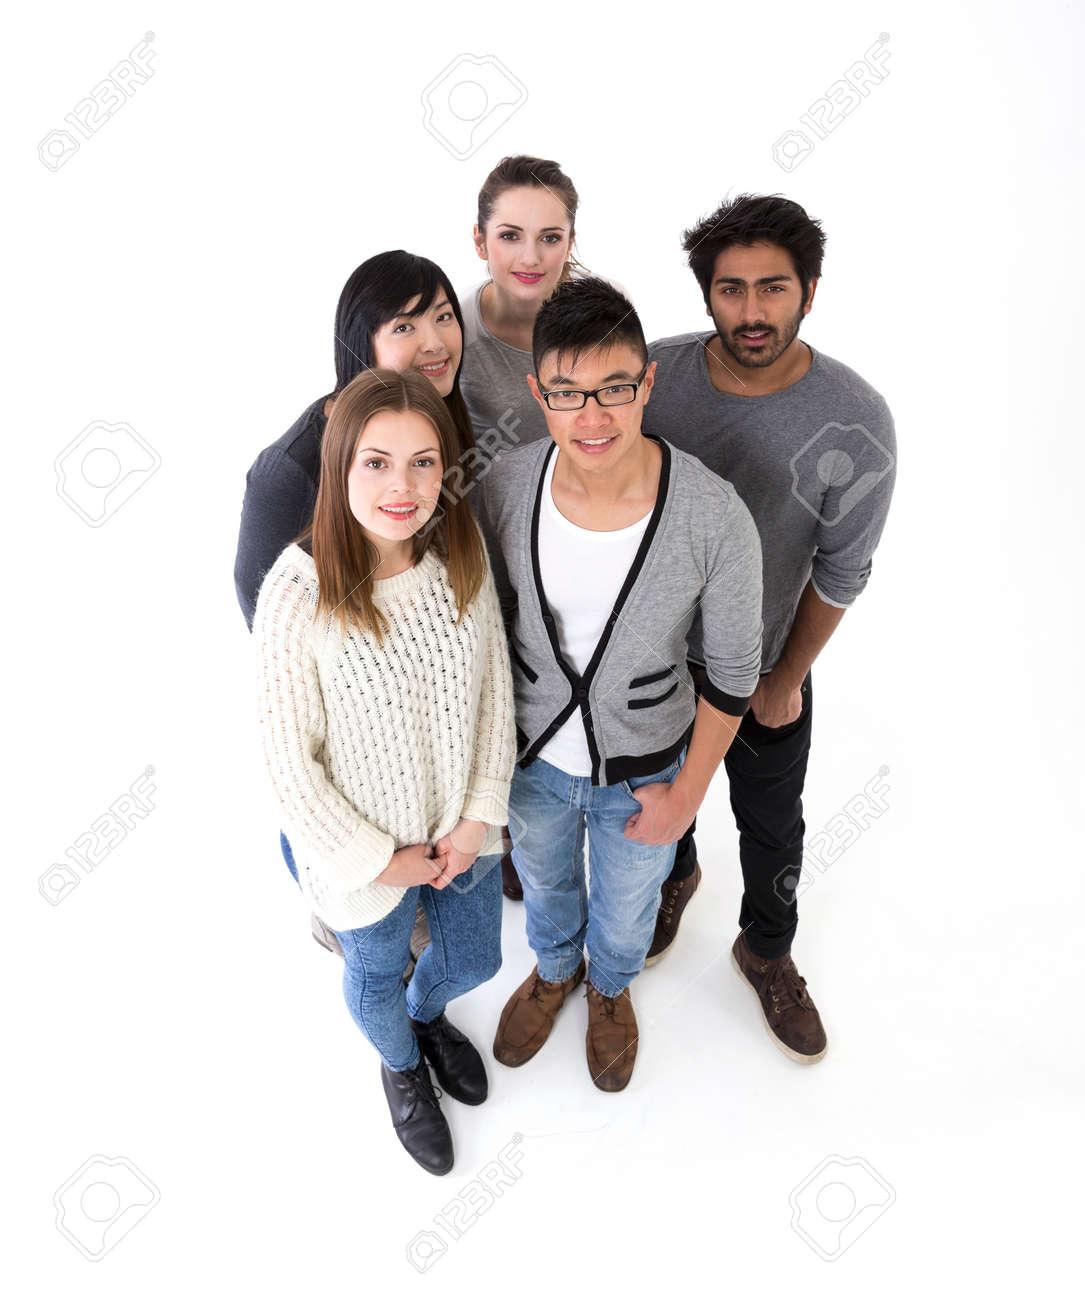 vue de haut d'un groupe d'amis heureux. Groupe mixte de course. Isolé sur un fond blanc. Banque d'images - 37308686